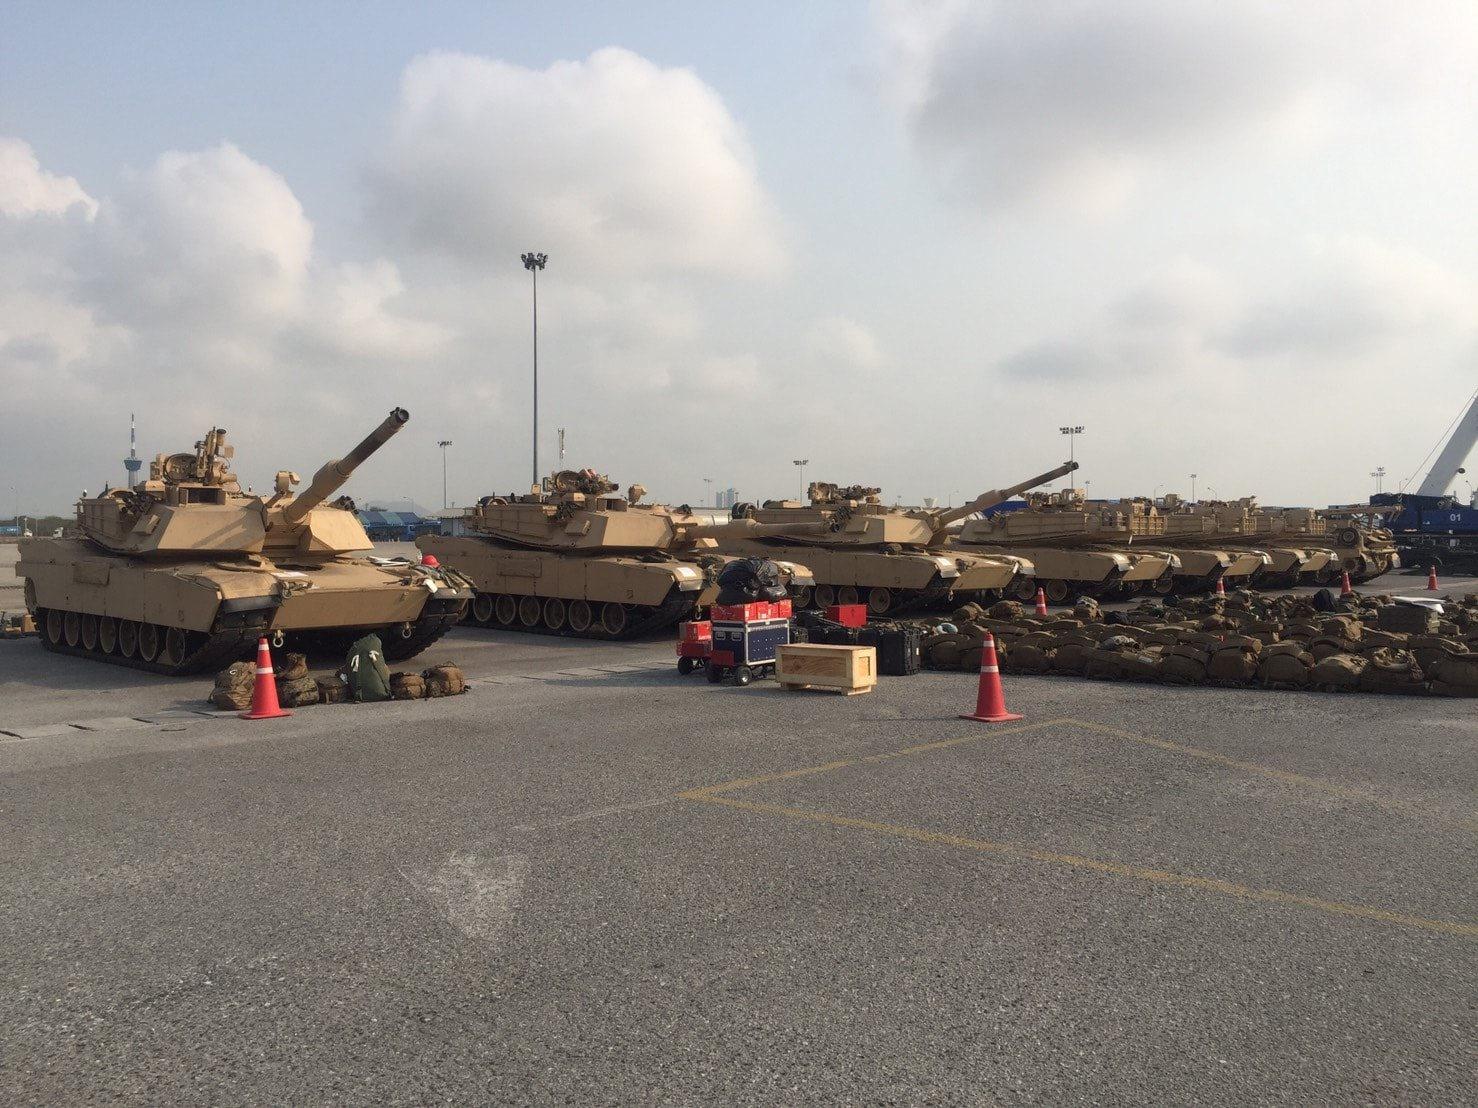 รถถัง M1A1  มาแล้ว! ซ้อมรบคอบบร้าโกลด์ 2019